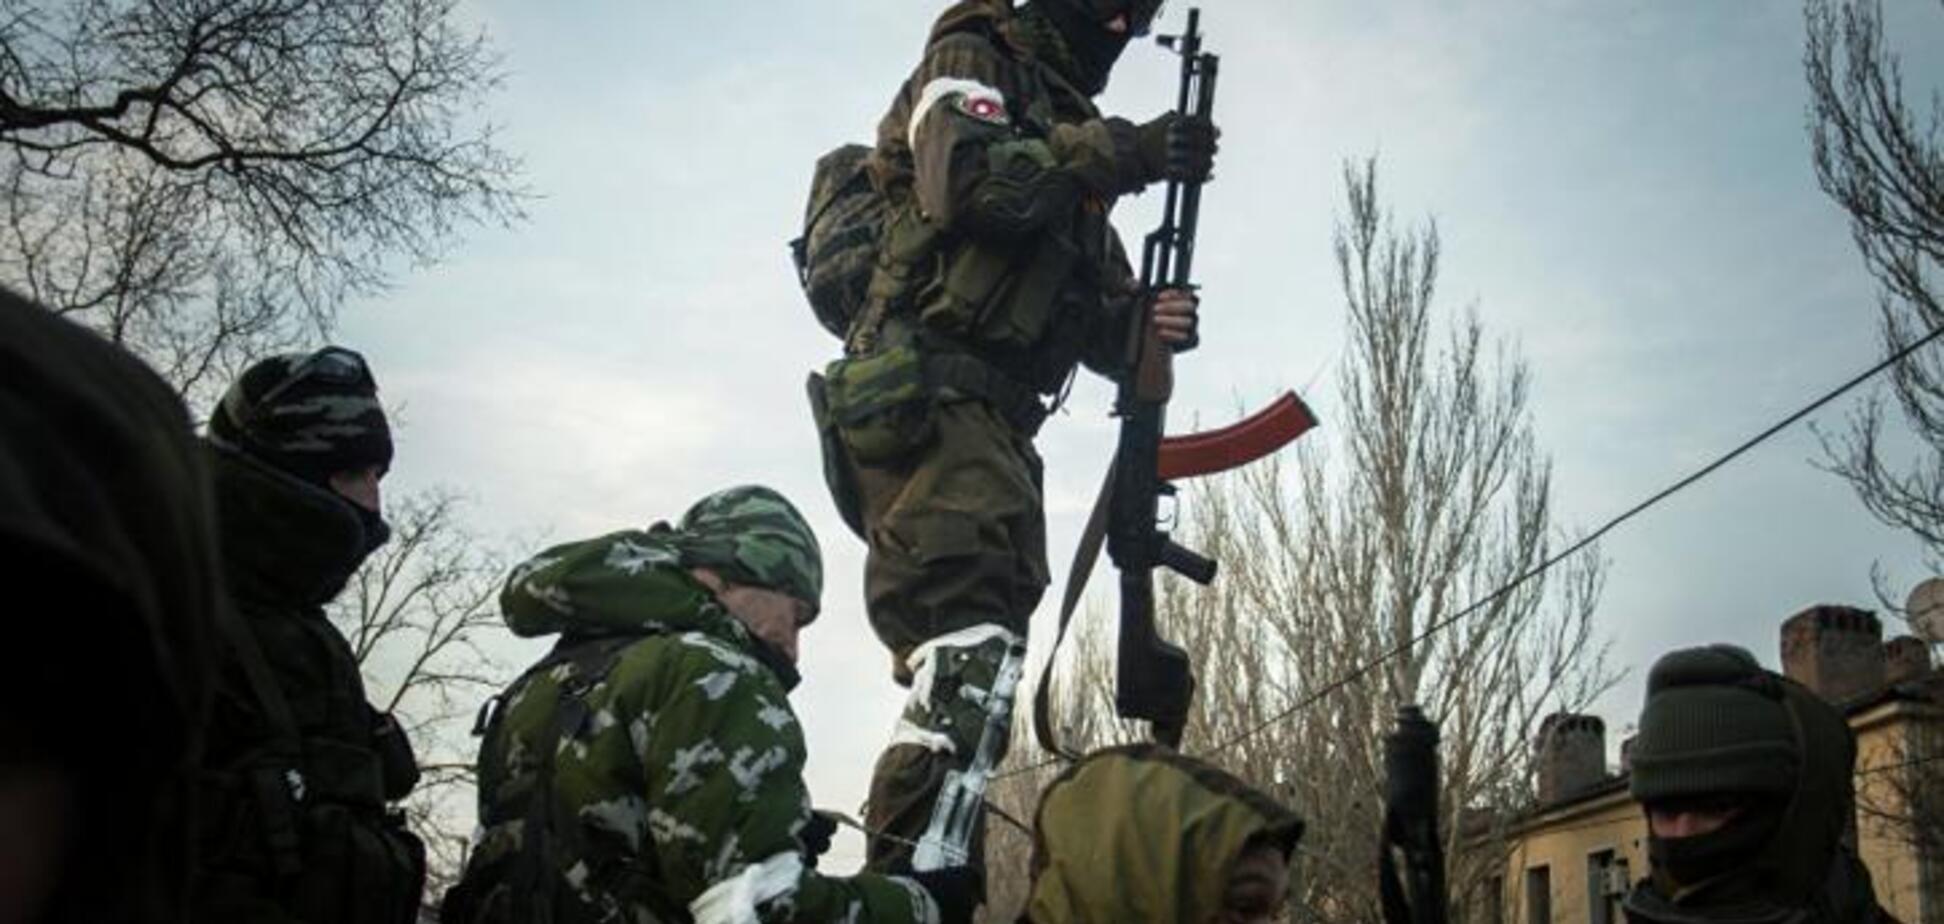 Наемники РФ перебили друг друга на Донбассе: воин рассказал о жарких выходных